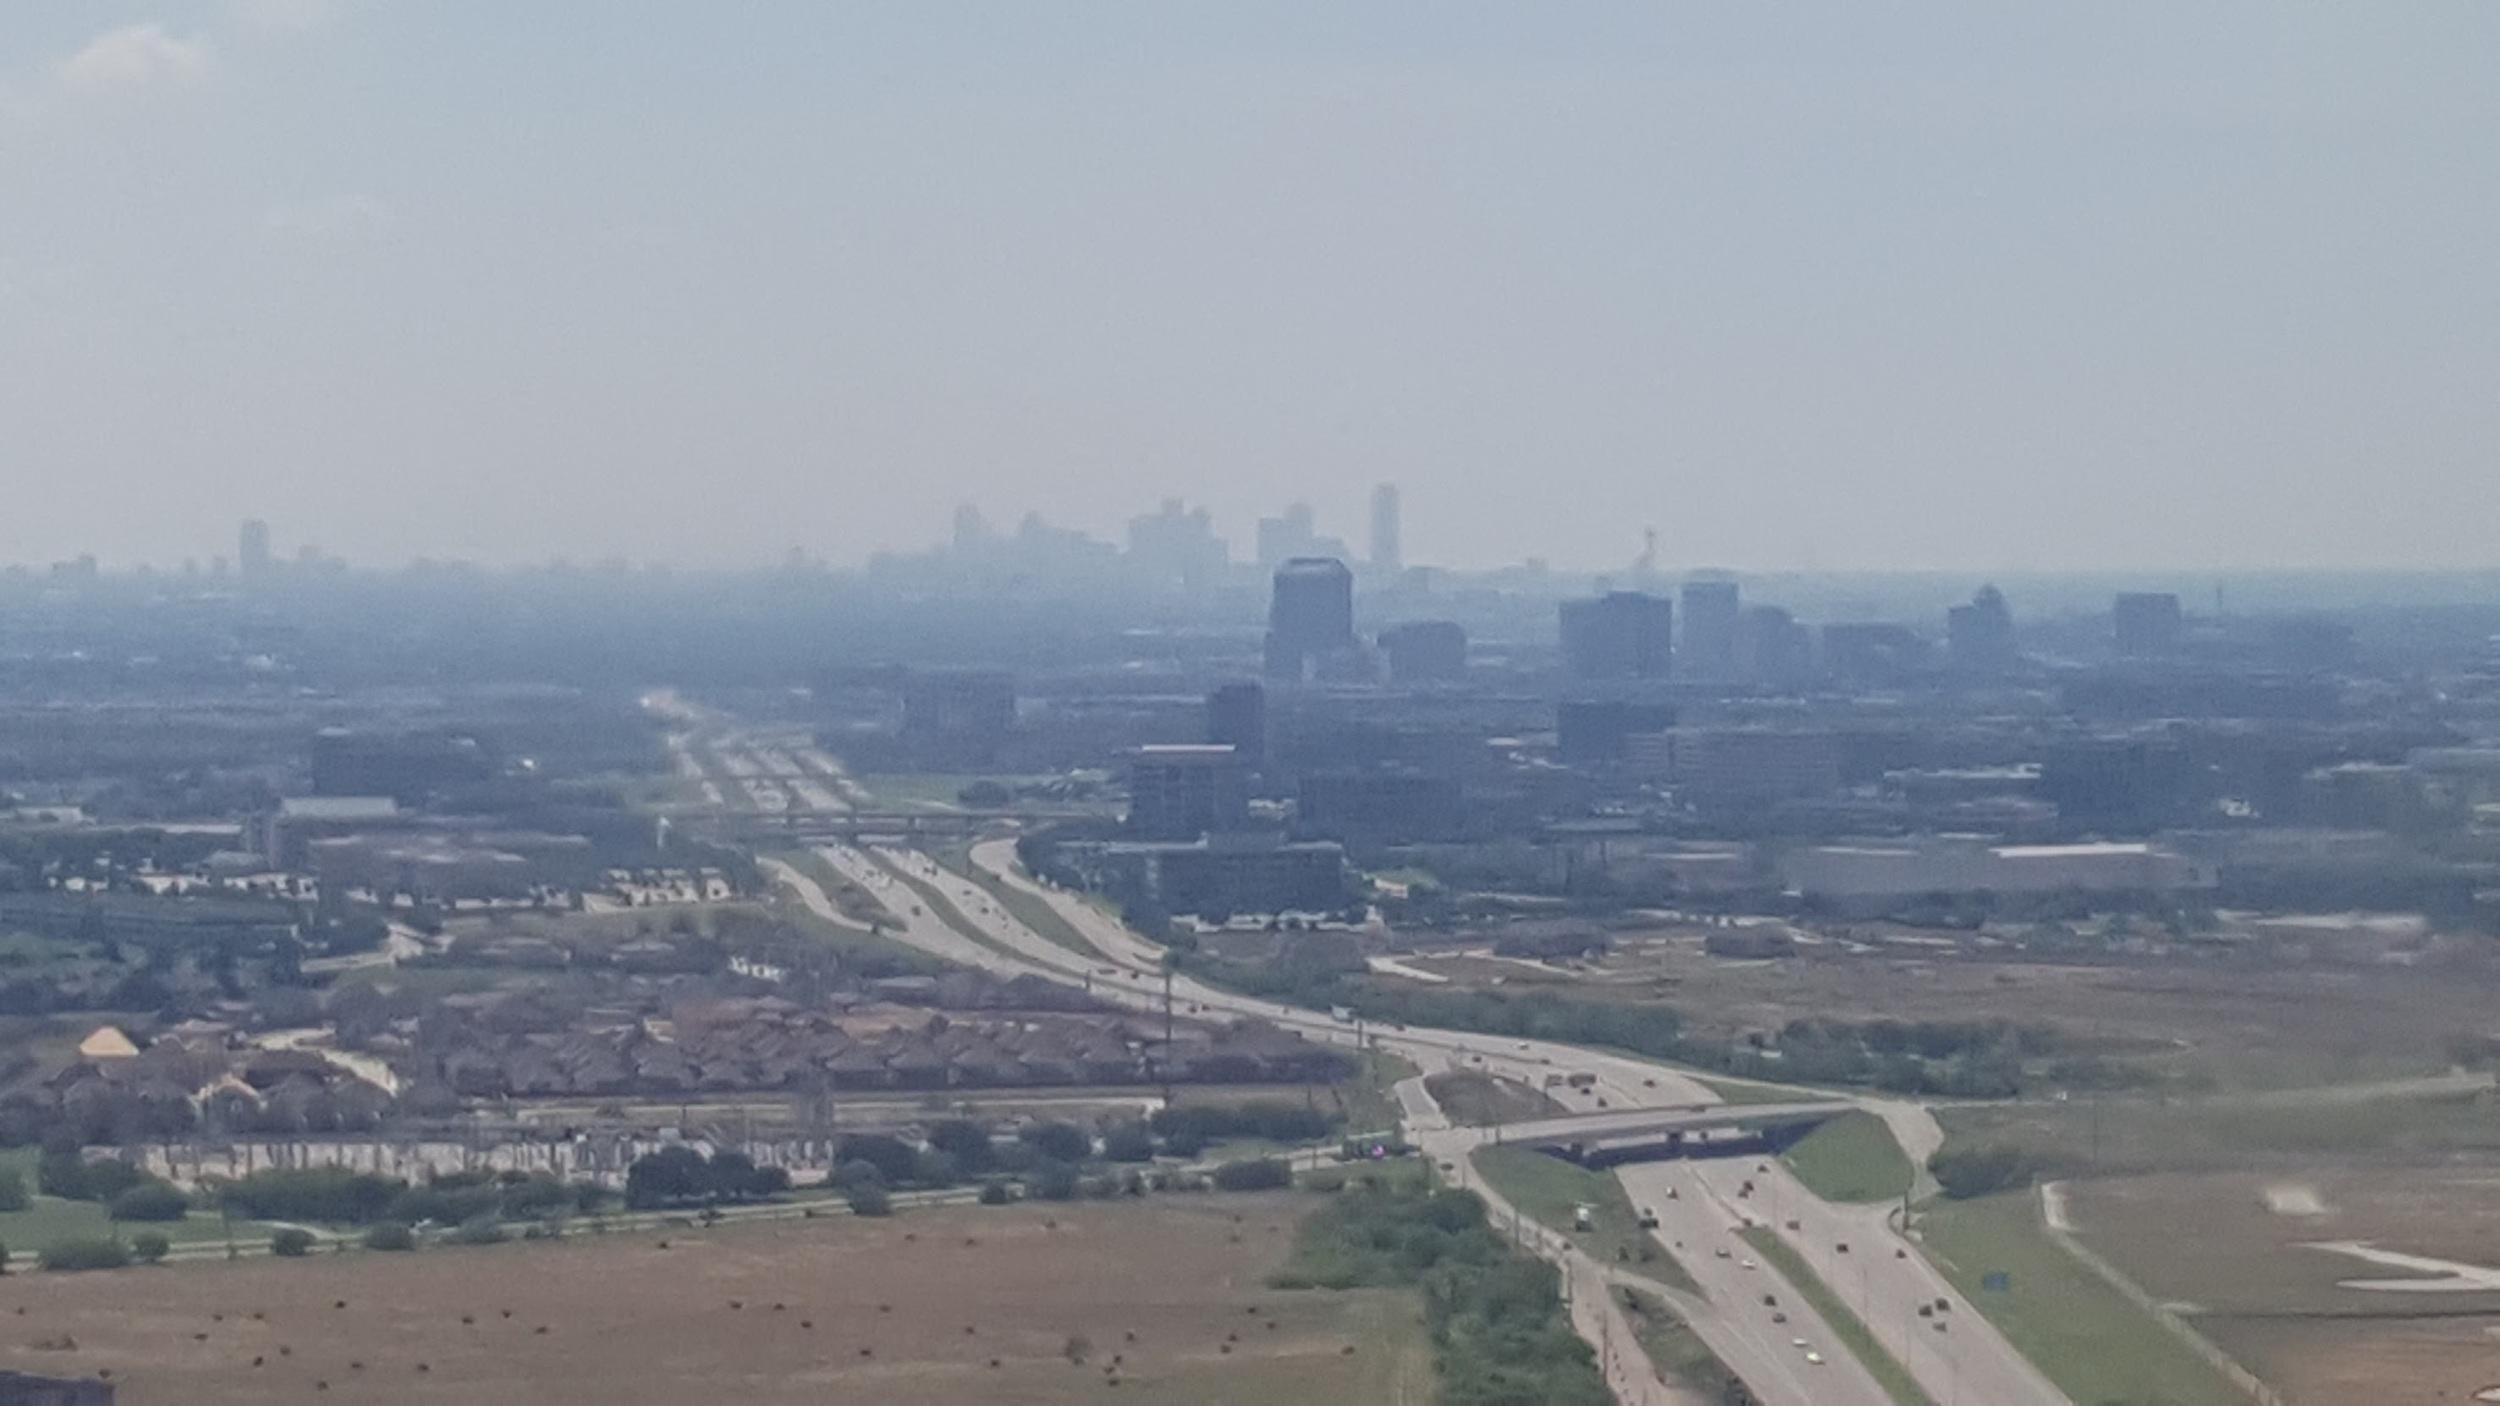 A freeway in the Dallas area.